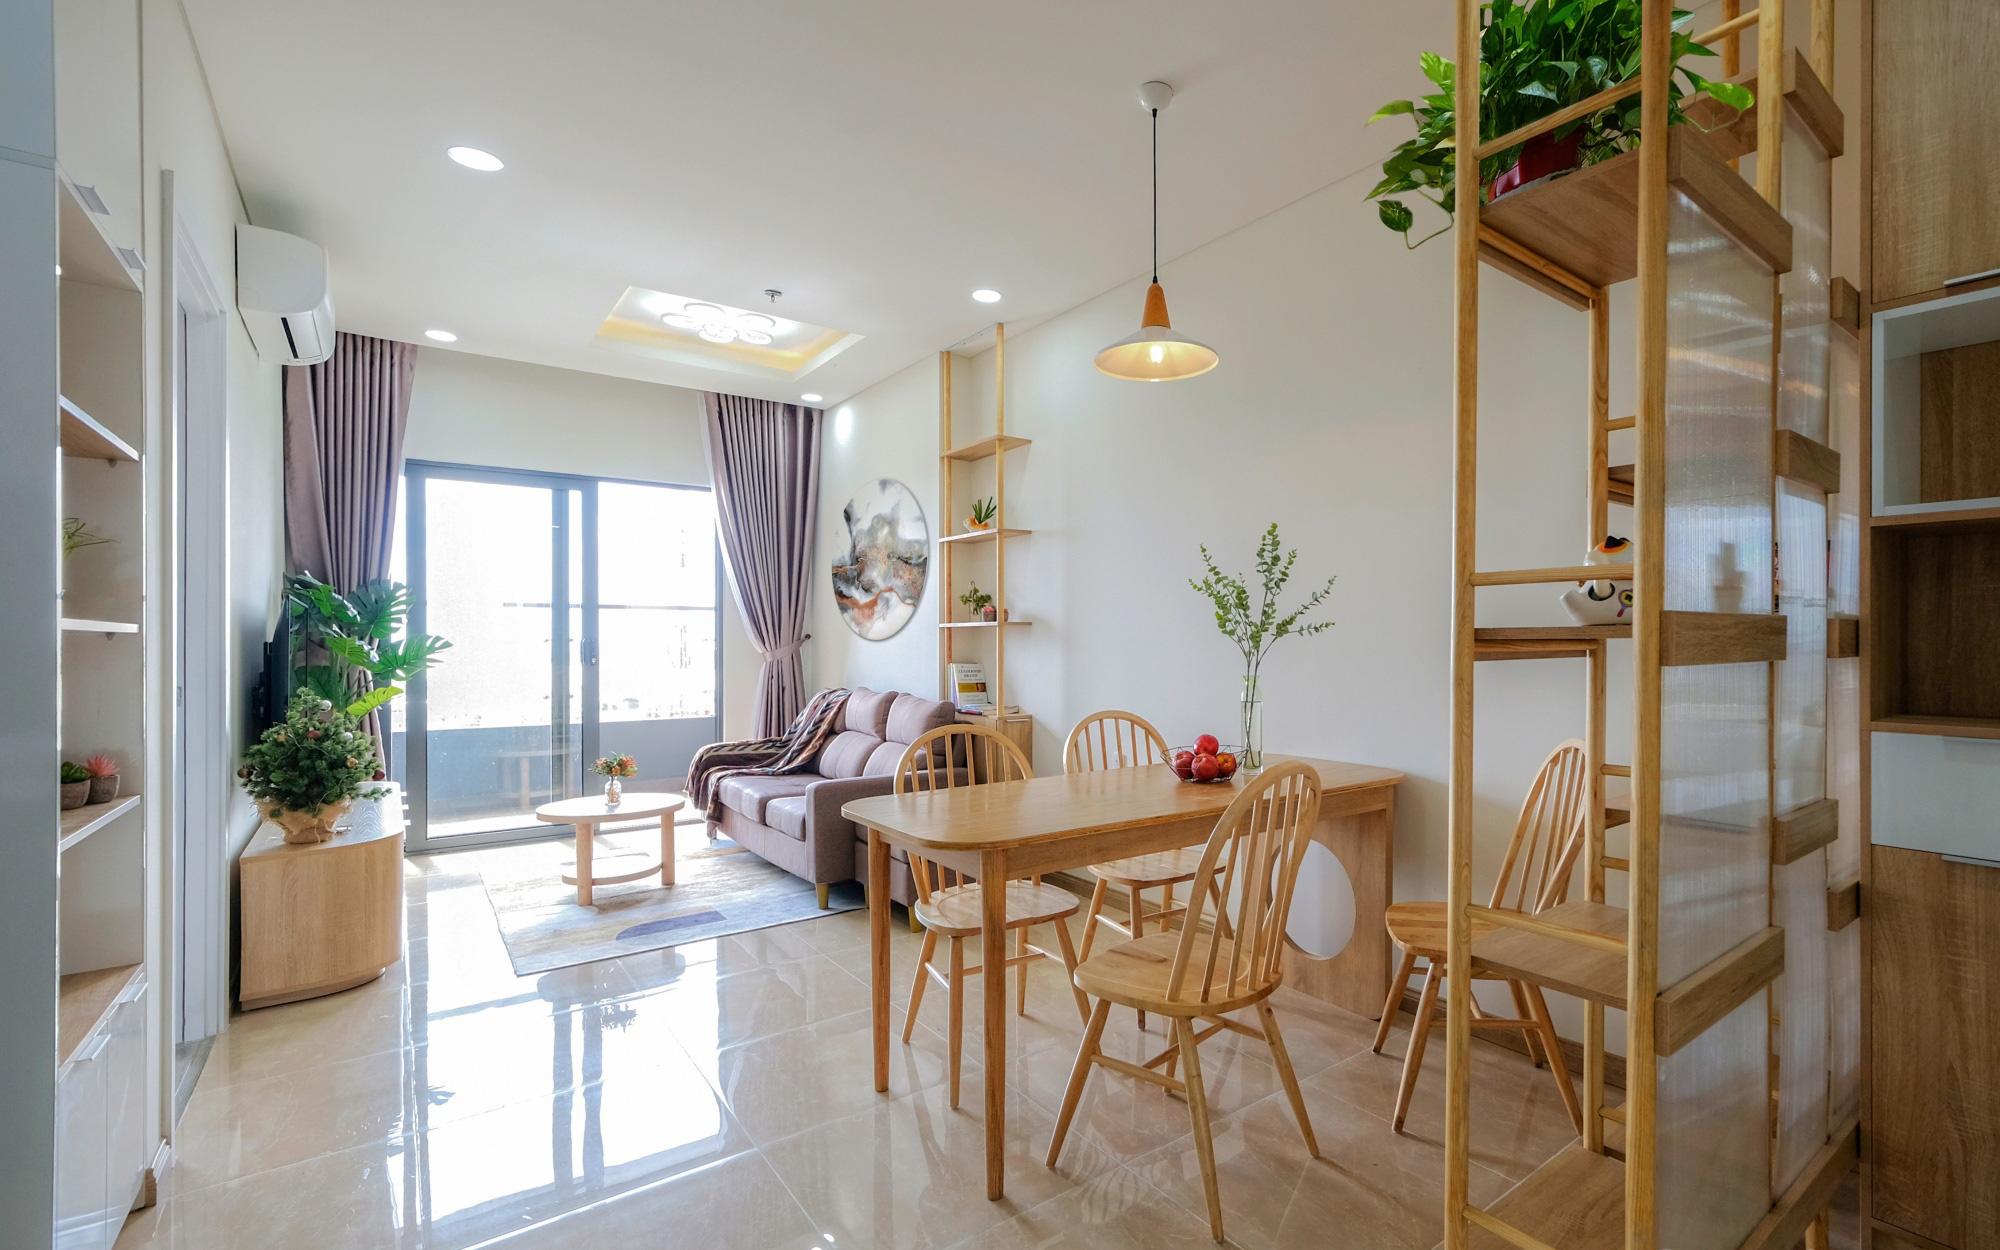 Căn hộ 75m² sở hữu view sông Hàn đắt giá với tổng chi phí thiết kế 78 triệu đồng ở Đà Nẵng